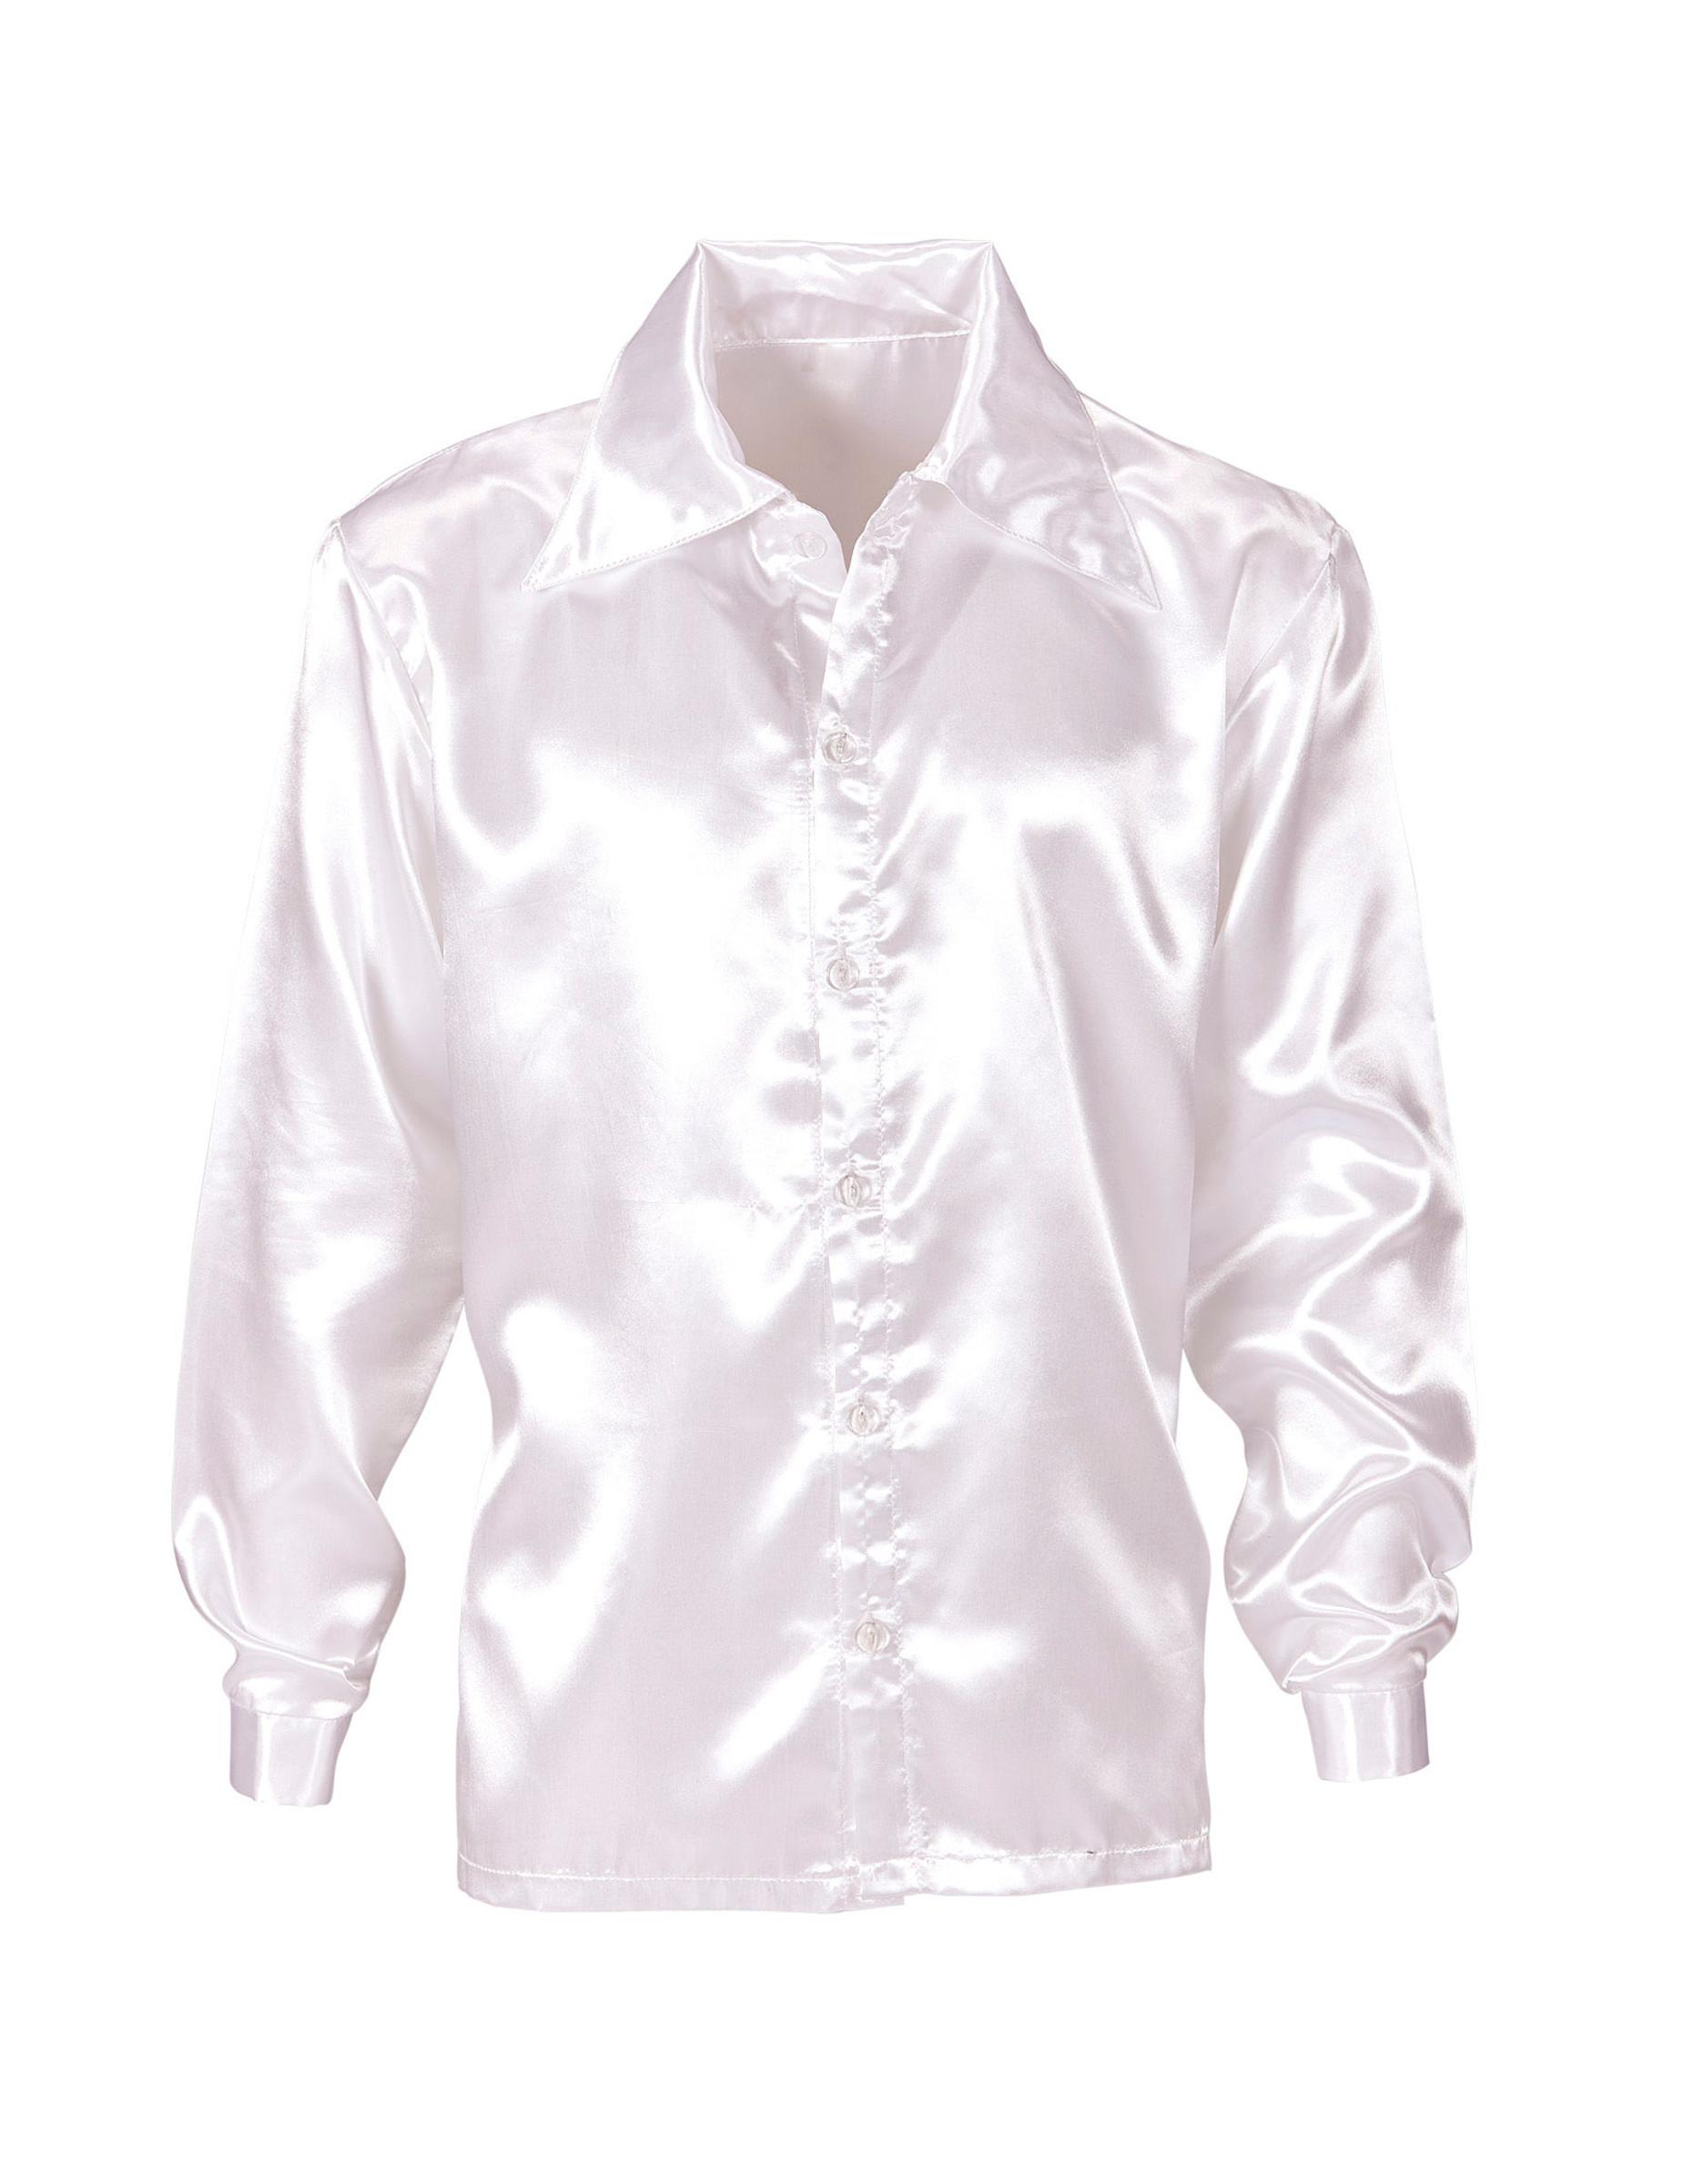 4025f603d2dbe Camisa satinada blanca hombre  Disfraces adultos